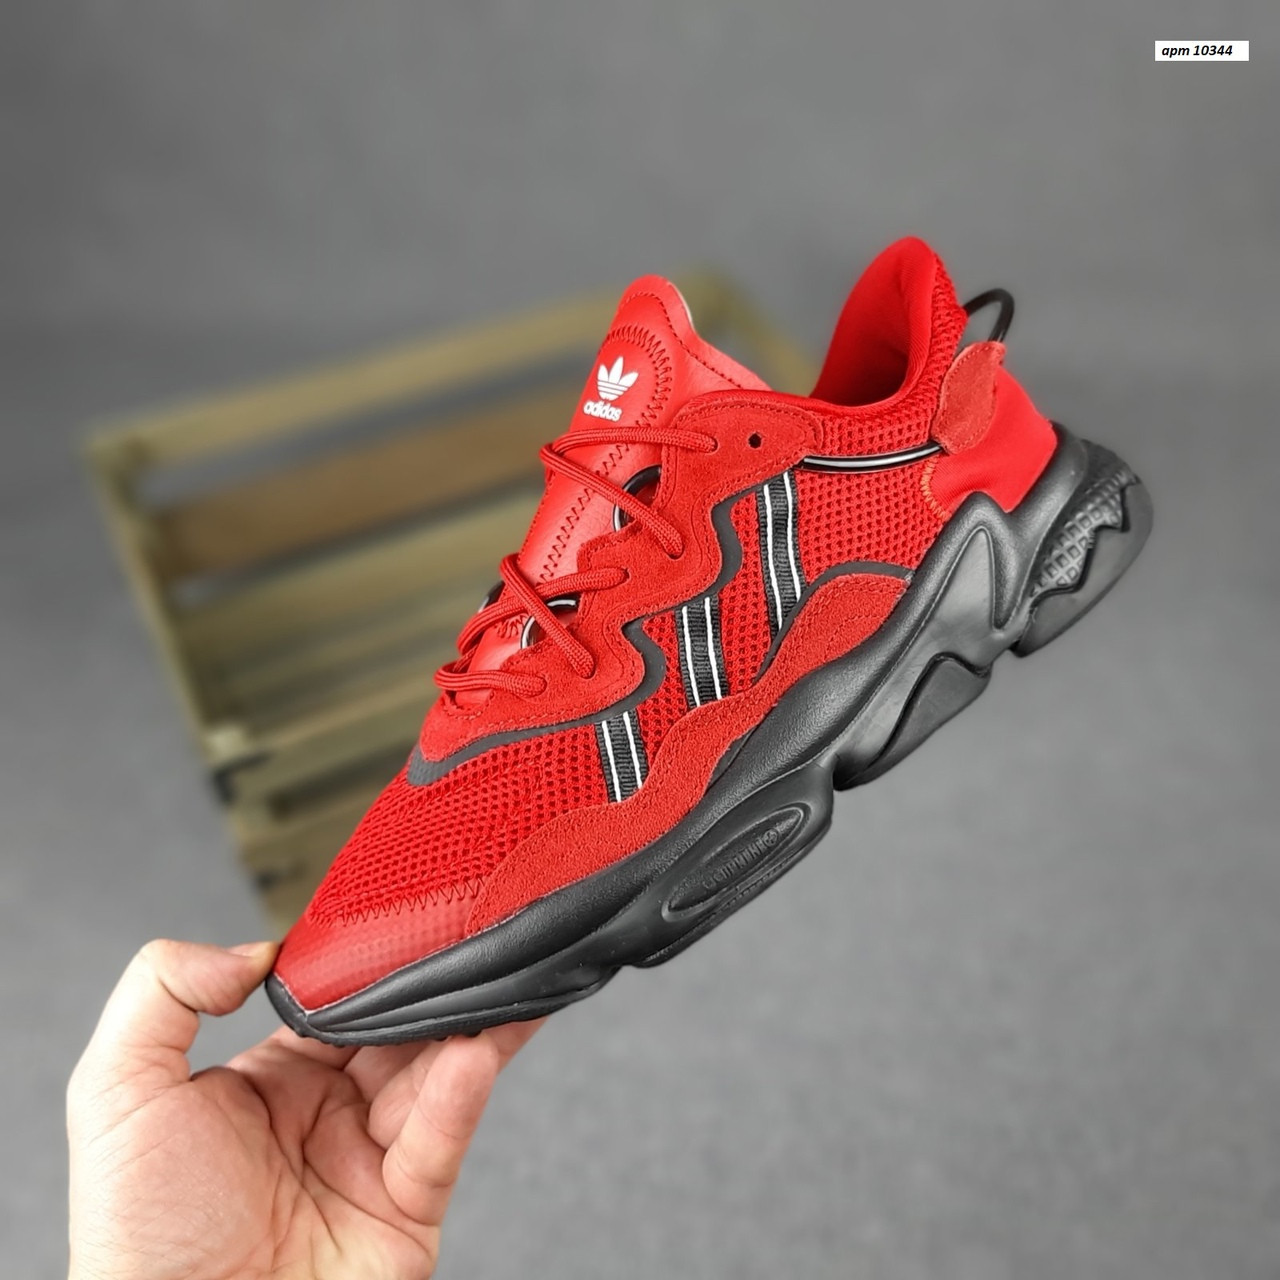 Мужские спортивные кроссовки Adidas Ozweego (красные) 10344 демисезонные низкие кроссы